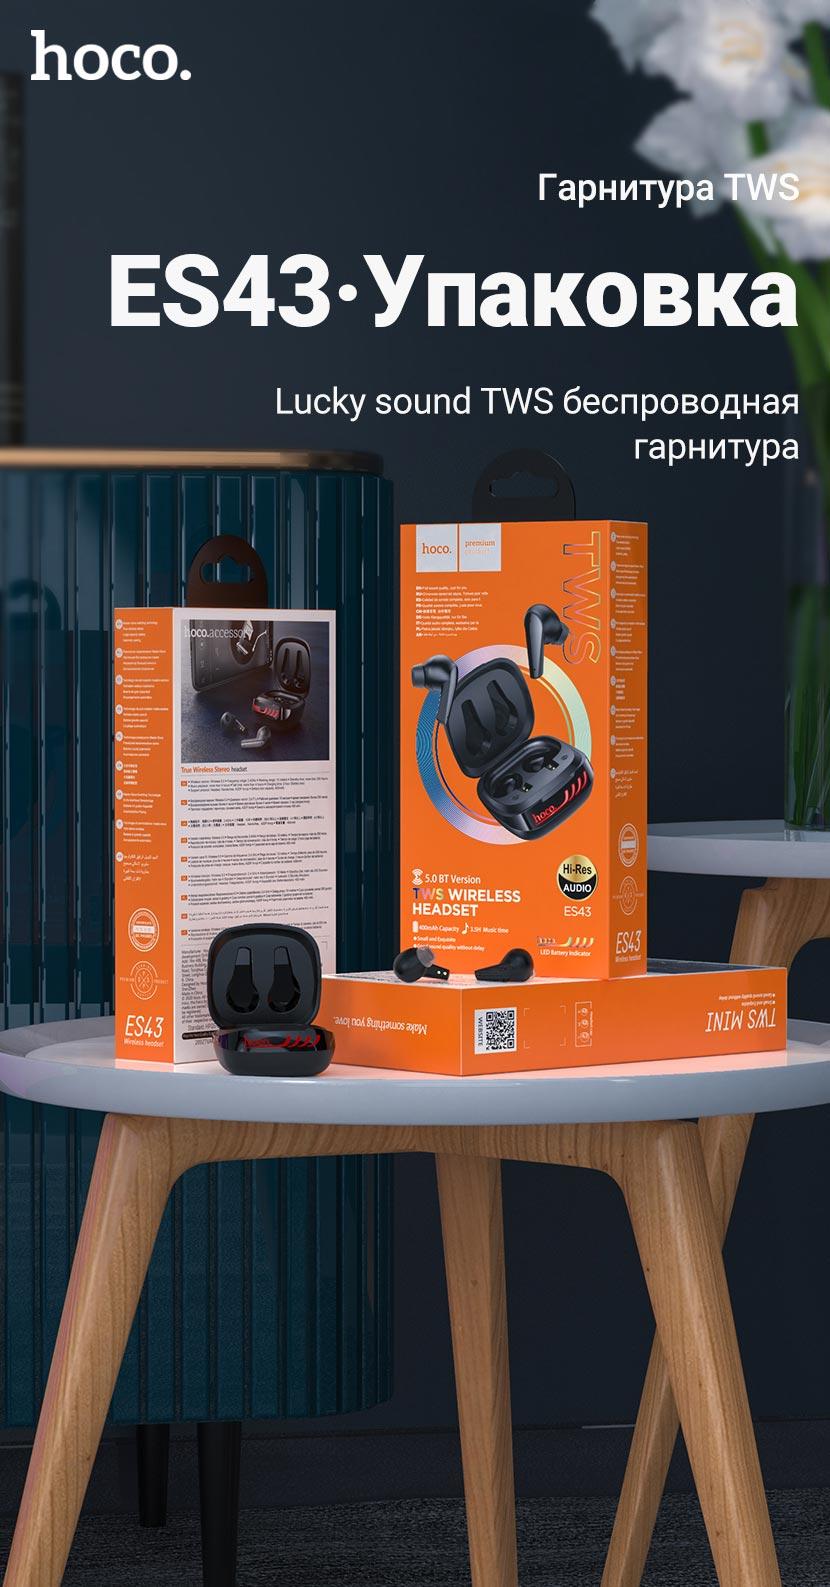 hoco news es43 lucky sound tws wireless headset package ru